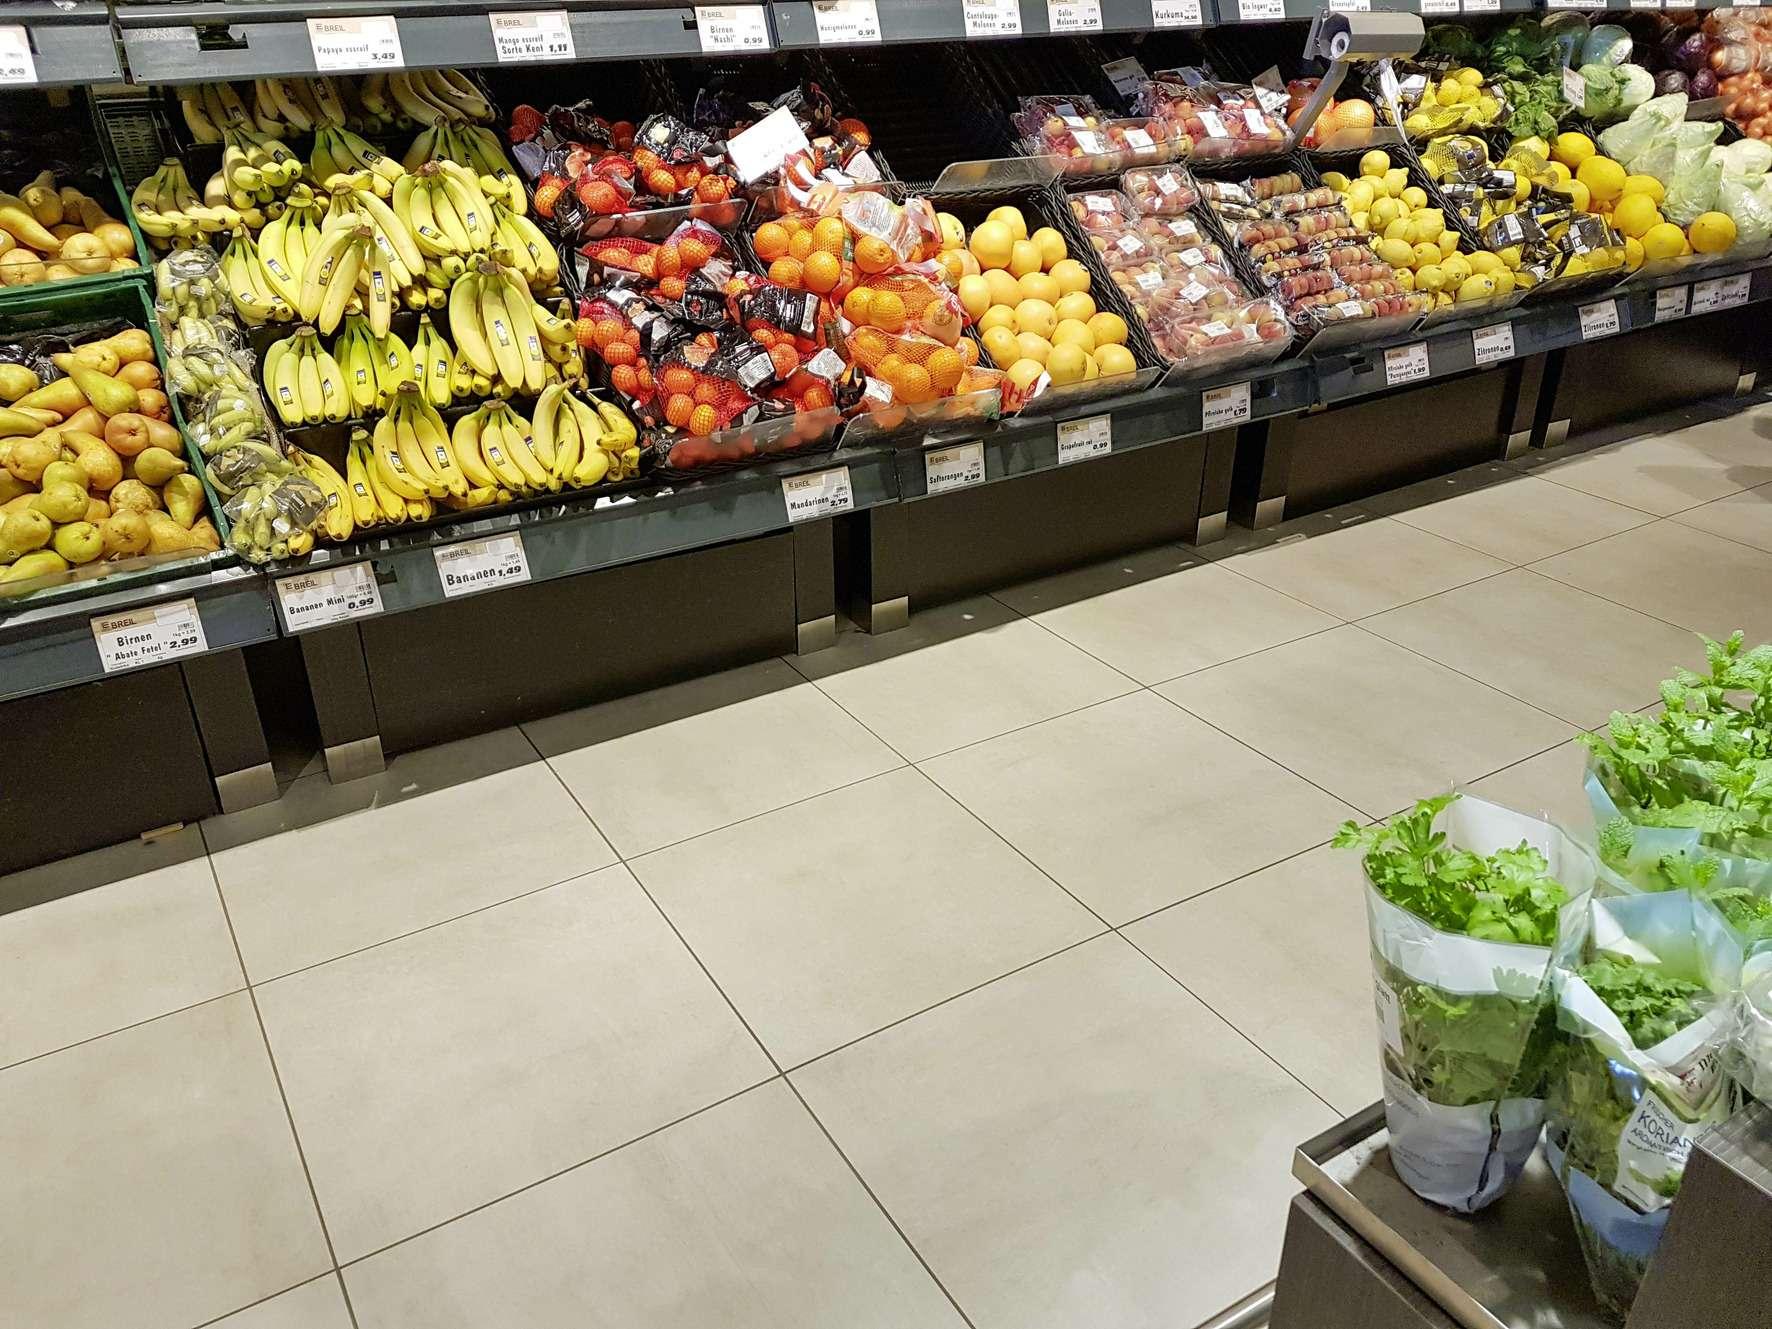 drytile pavimento superficie commerciale vendita